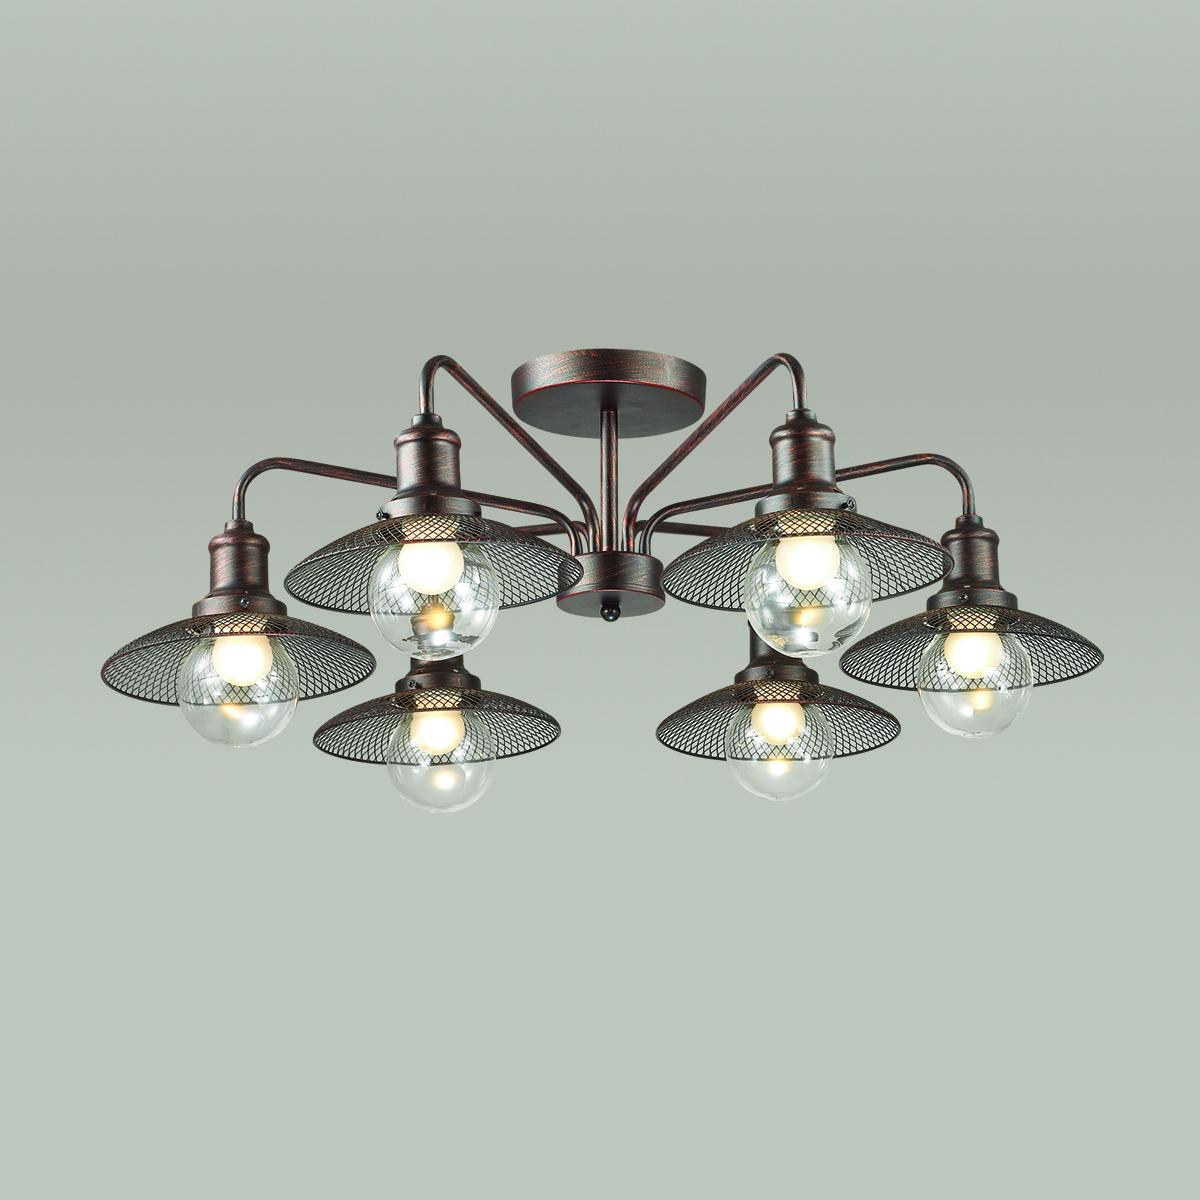 Потолочная люстра Lumion Ludacris 3513/6C, 6xE27x60W, коричневый, прозрачный, металл, стекло - фото 3